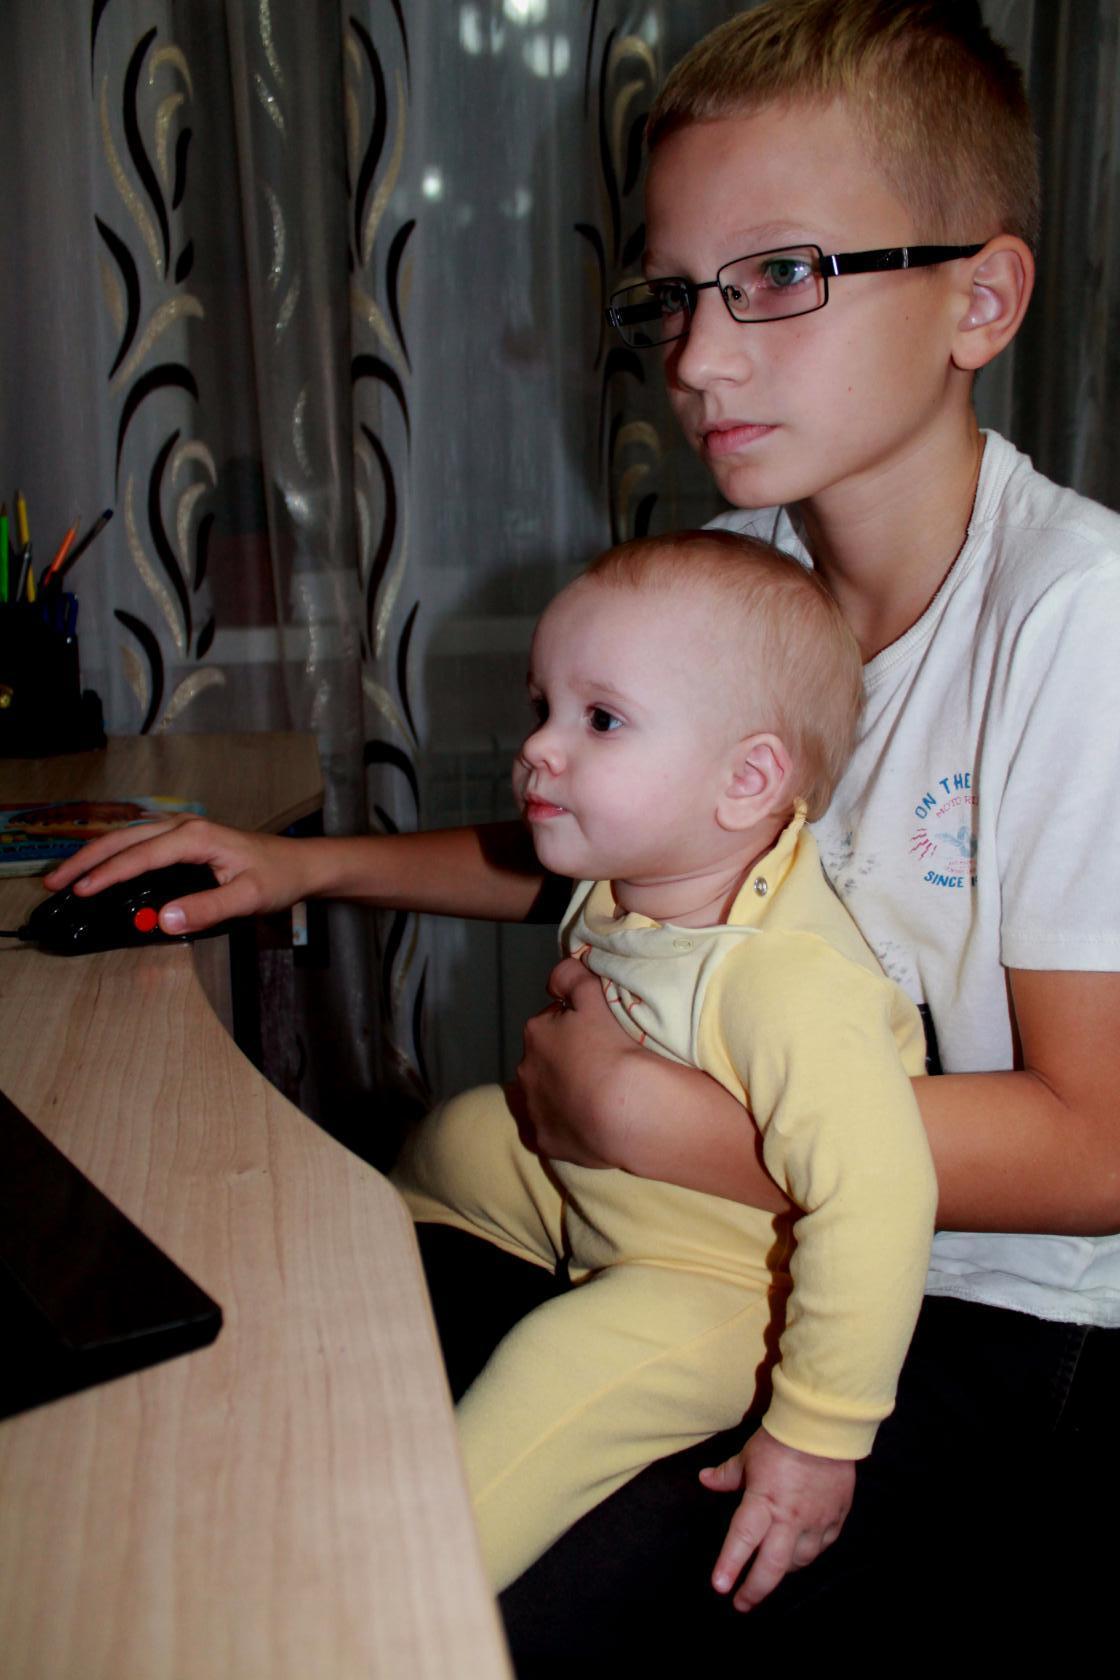 Тетя сосет у маленького мальчика фото 13 фотография